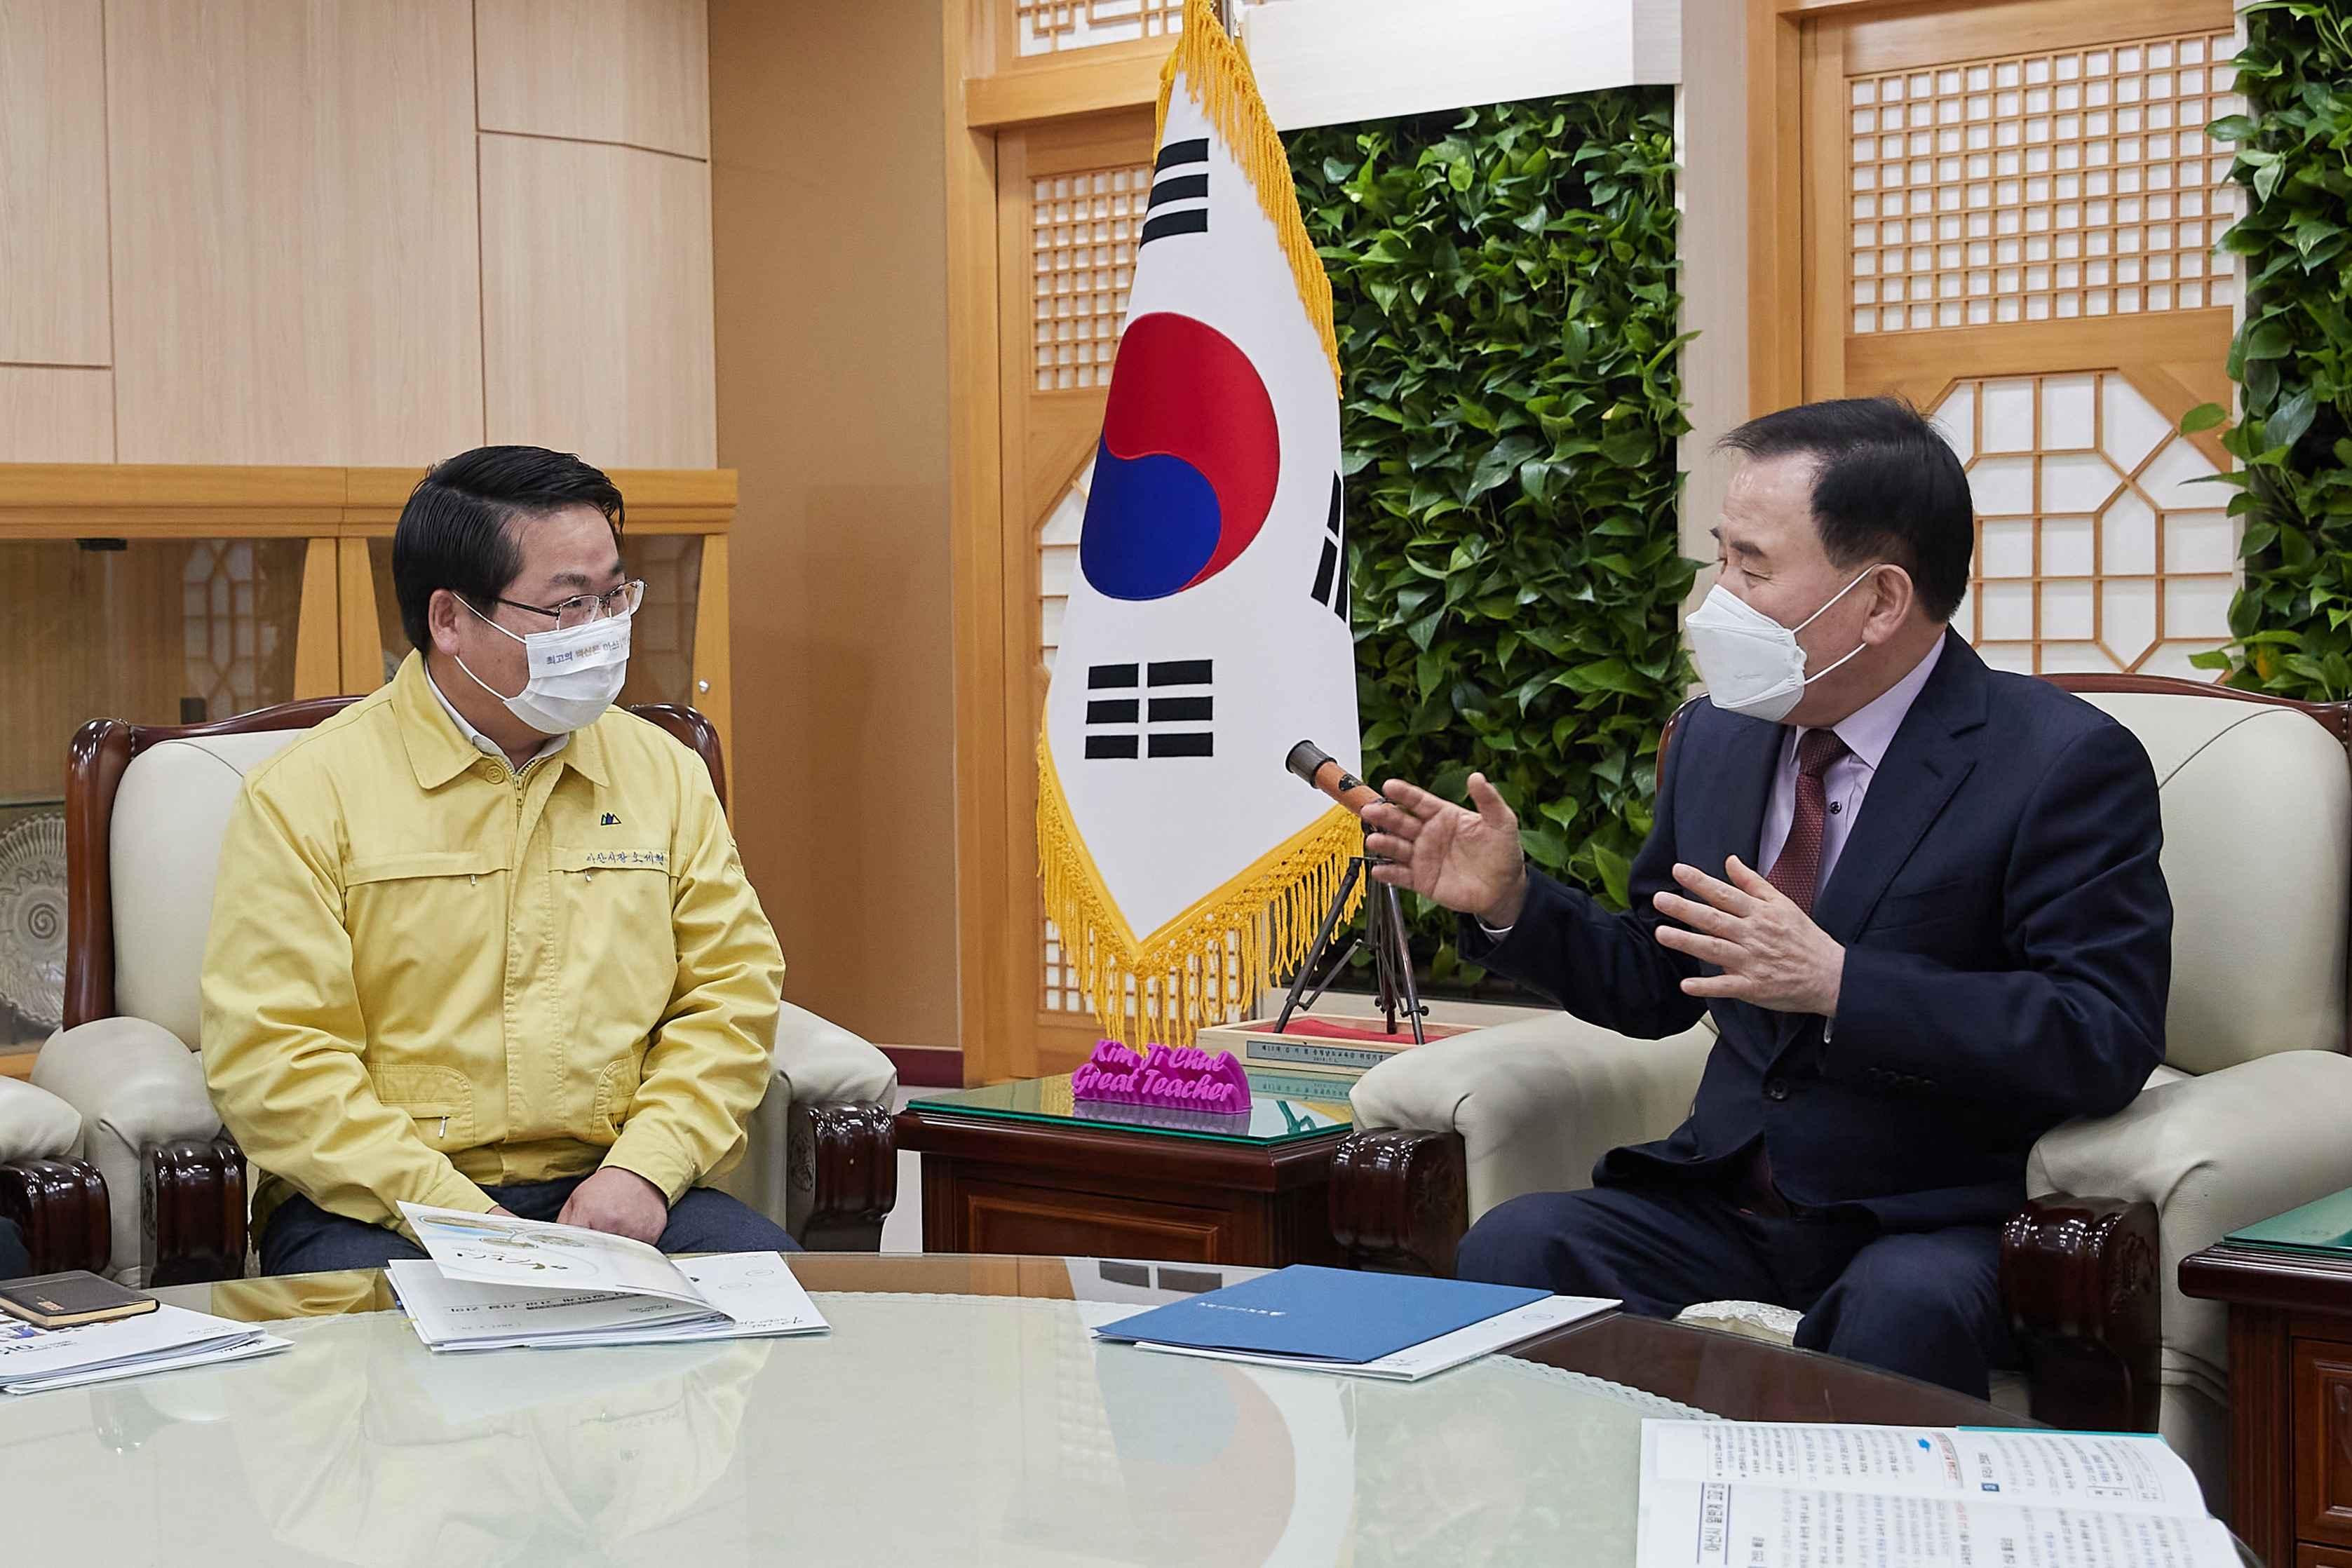 오세현 아산시장, 일반고 추가 신설 충남도 교육감에 건의 관련사진